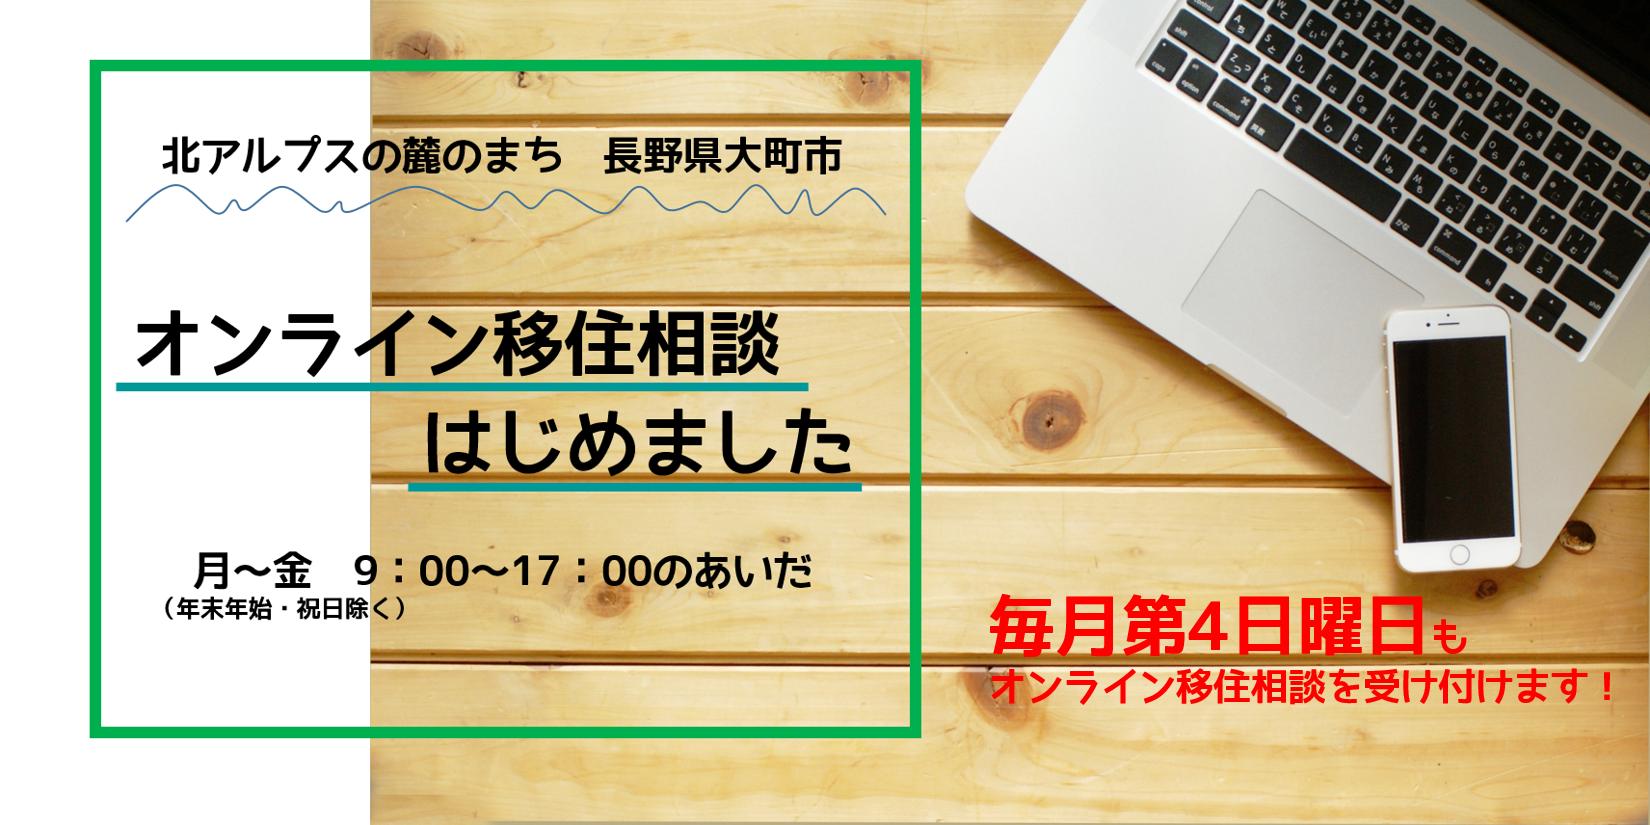 オンライン移住相談アイコン第4日曜追加